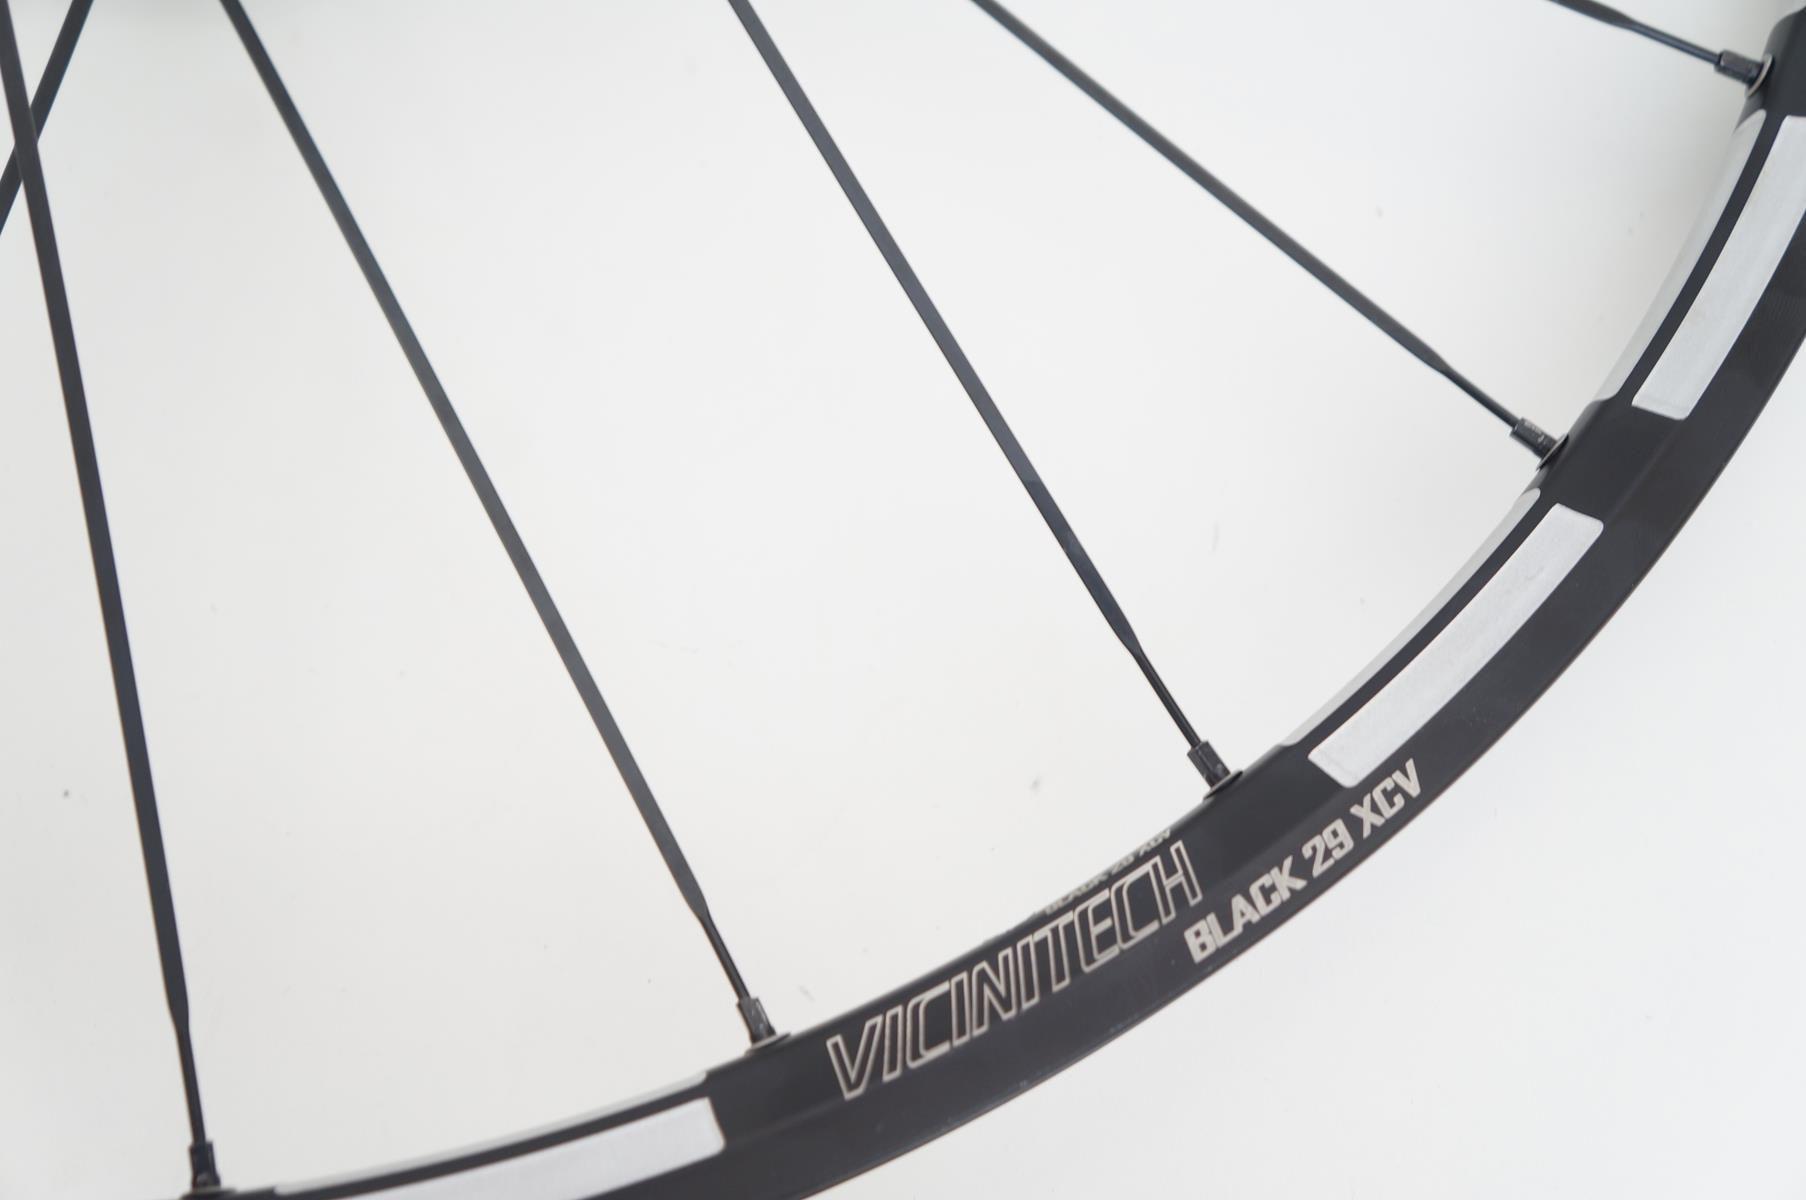 Roda Vicinitech Black 29 XCV Disc Aro 29 Alumino Preto e com Cubo Preto